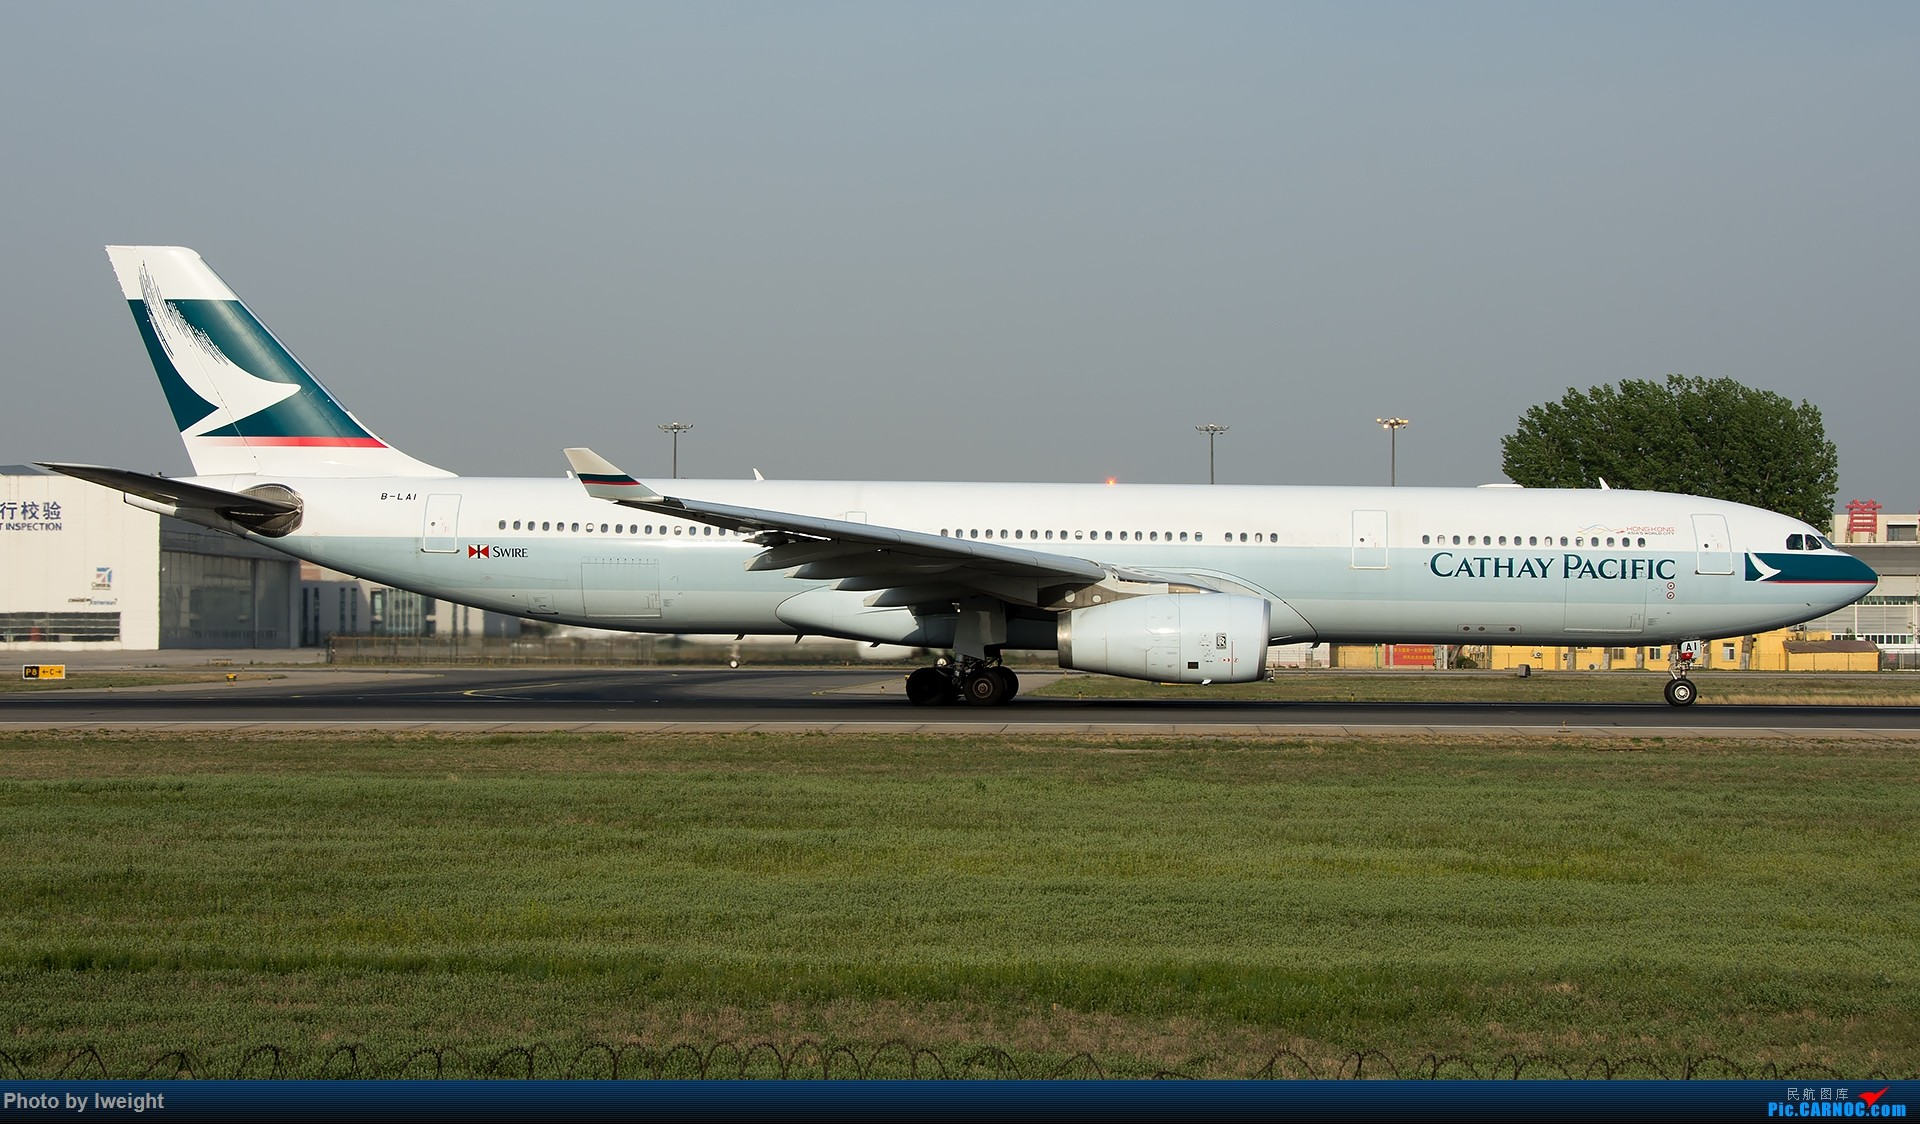 Re:[原创]天气晴朗,继续守候18R【多图】 AIRBUS A330-300 B-LAI 中国北京首都国际机场